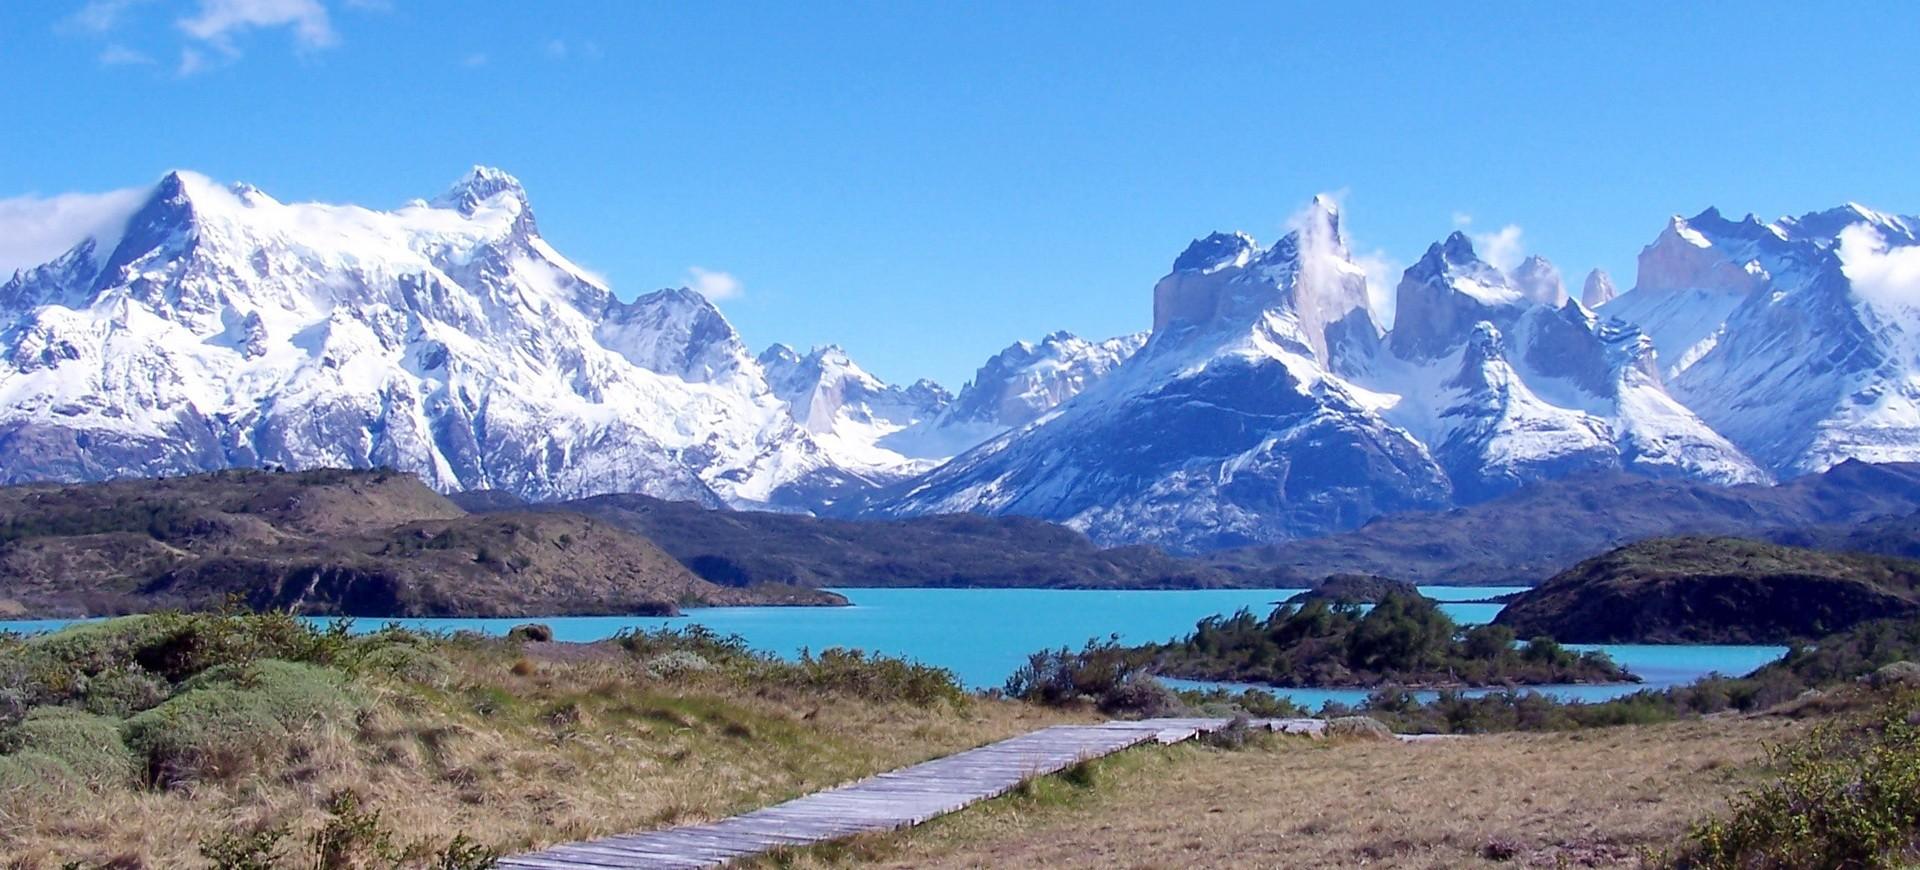 Lac Bariloche